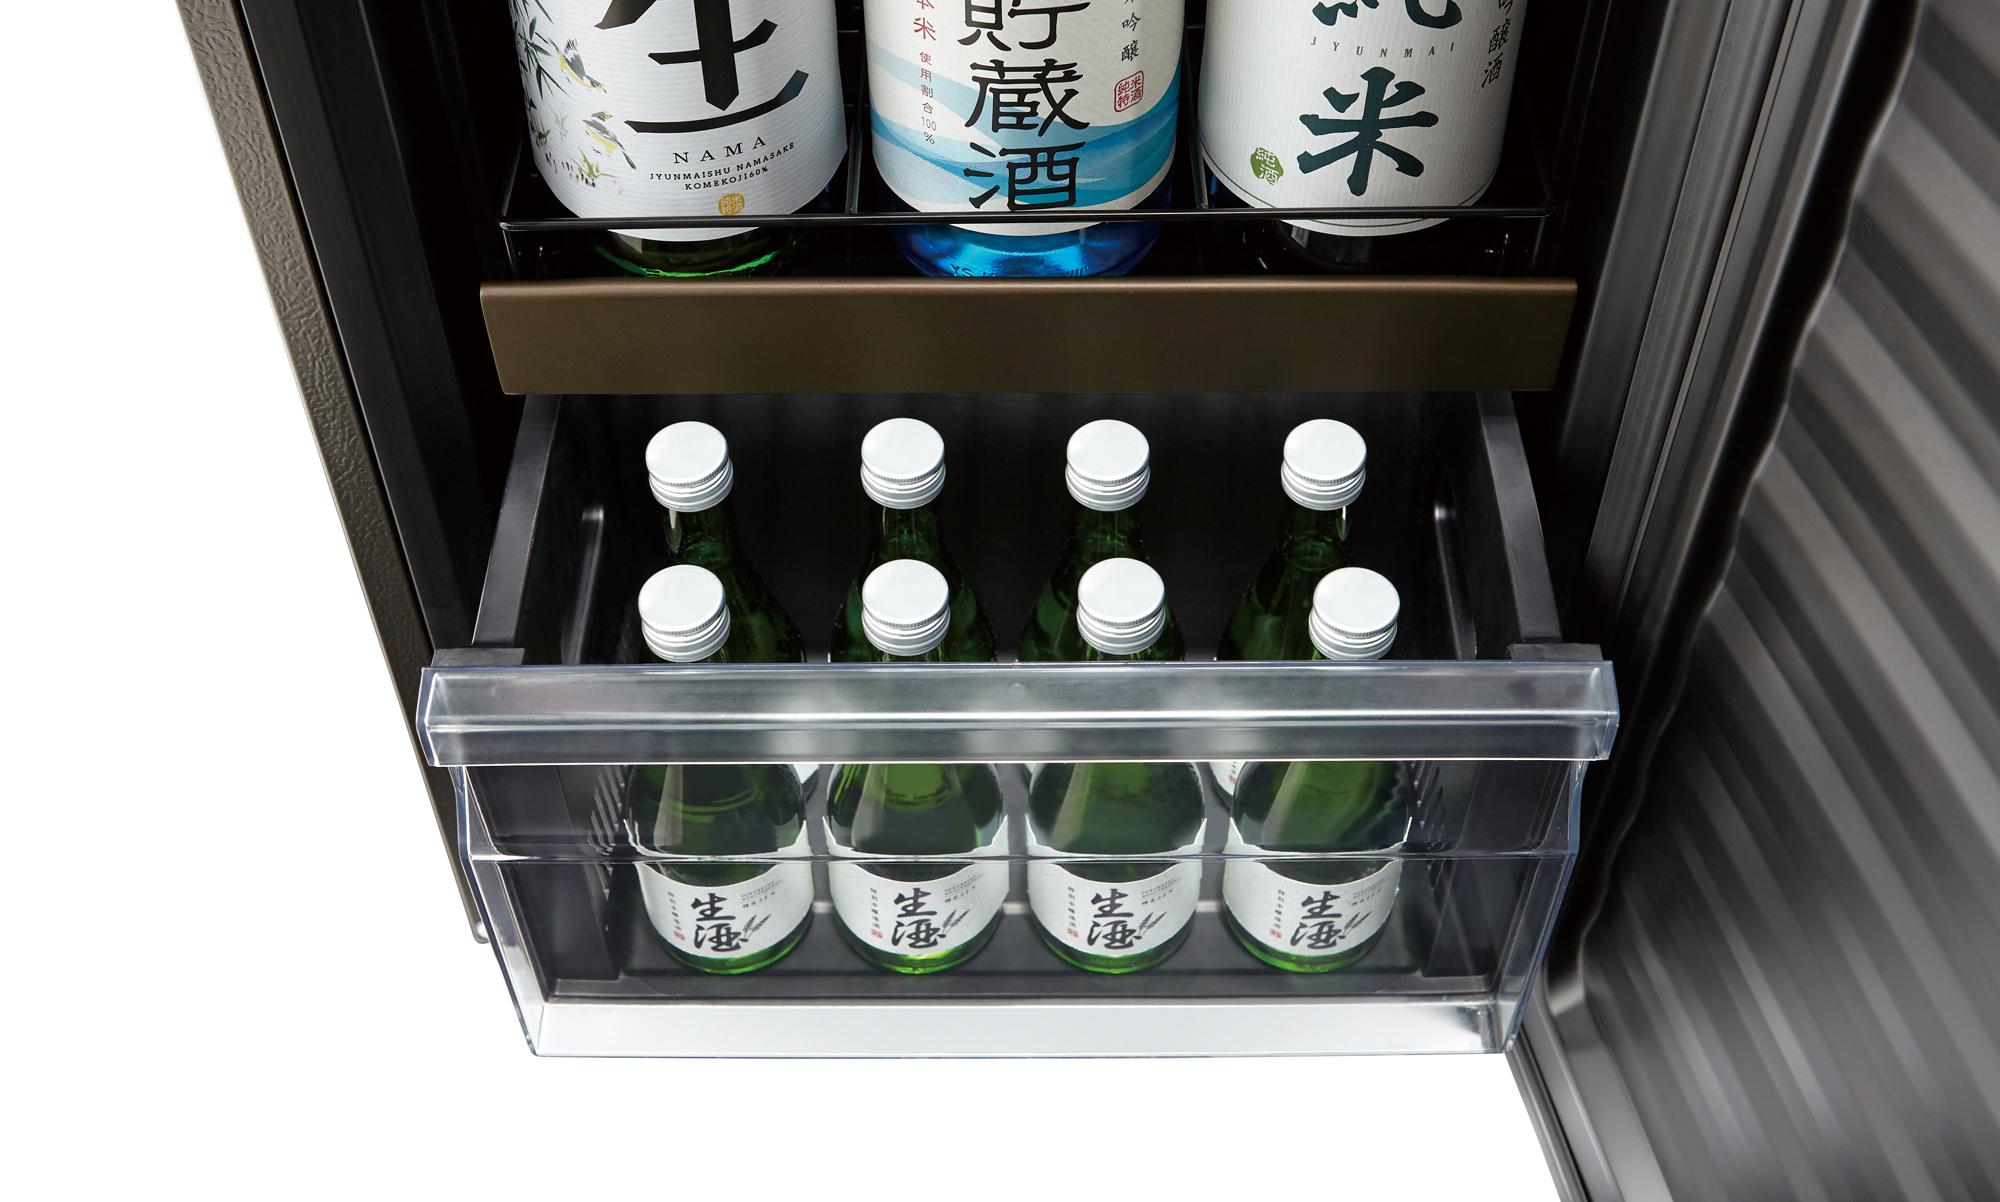 日本酒は冷蔵庫で保存を。おすすめ日本酒セラーも紹介